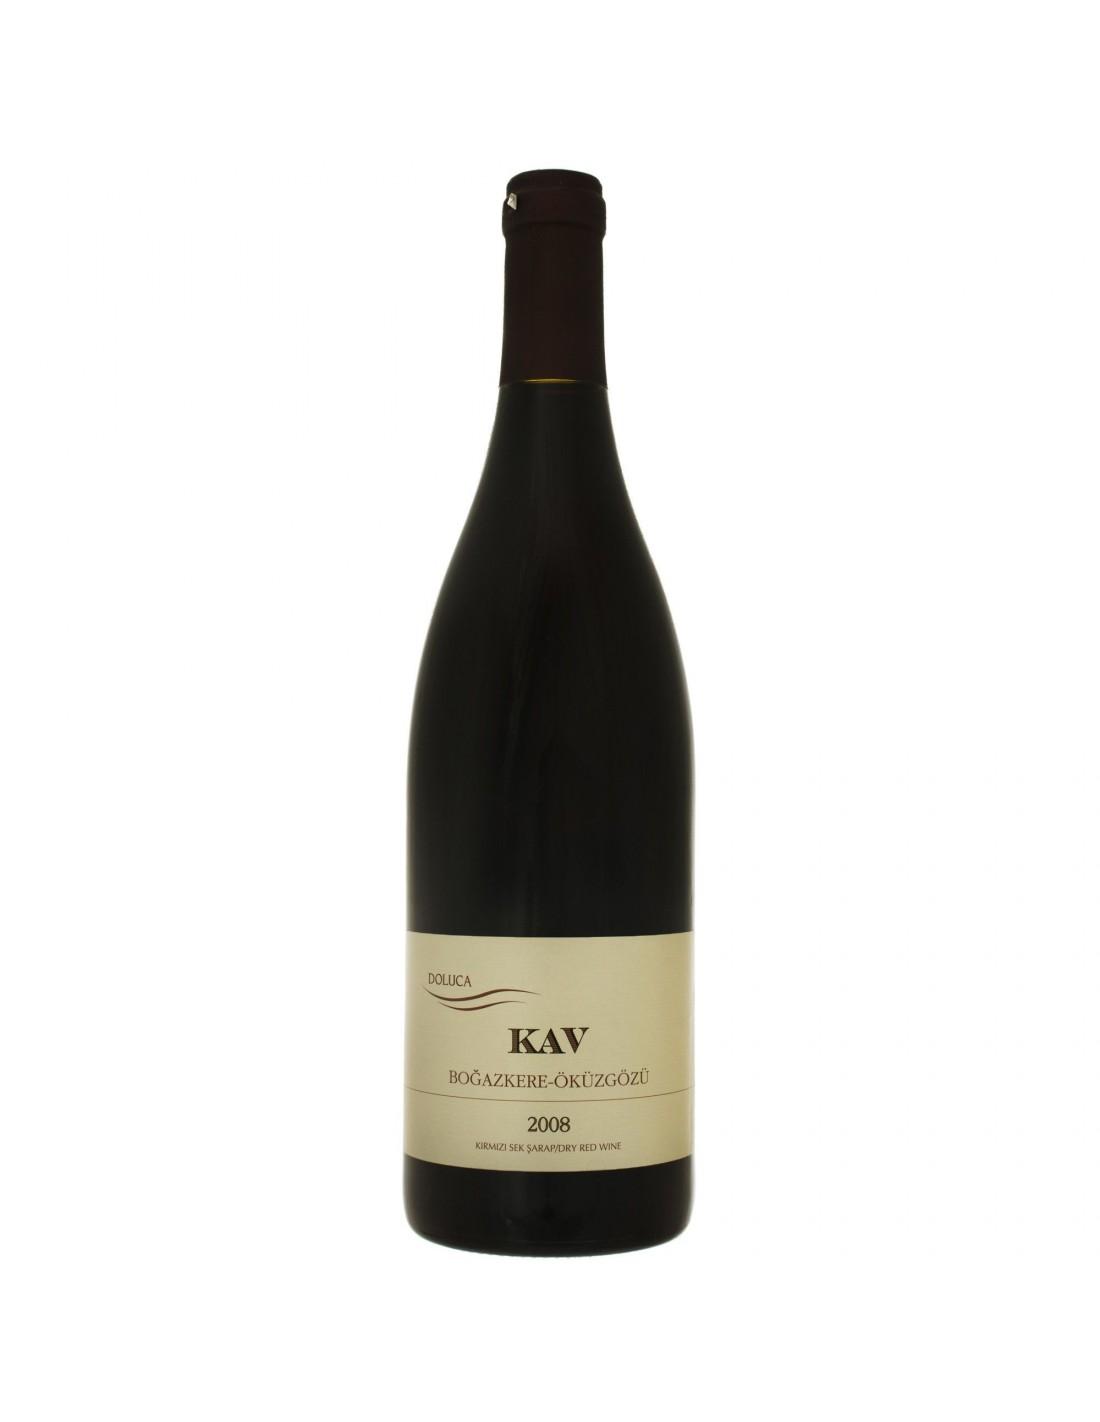 Vin rosu, Cupaj, Boğazkere - Öküzgözü Ankara, 0.75L, 14% alc., Turcia